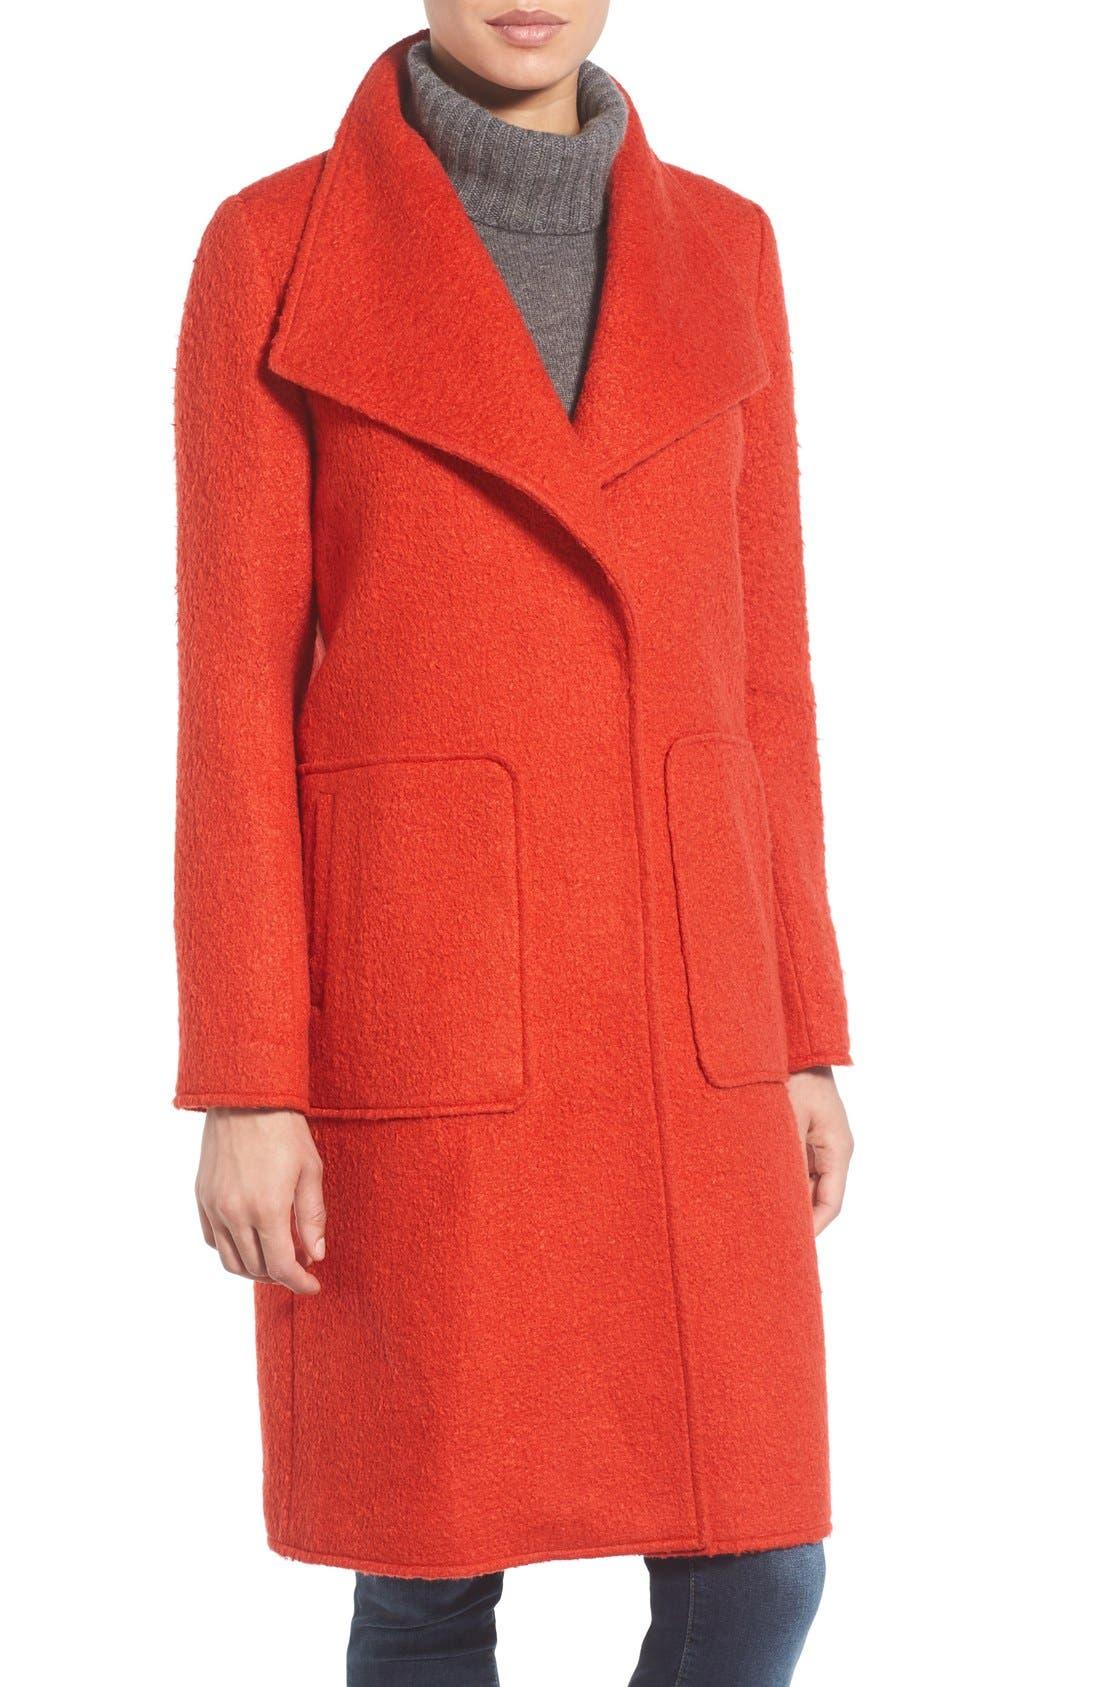 BERNARDO Textured Long Coat, Main, color, 852